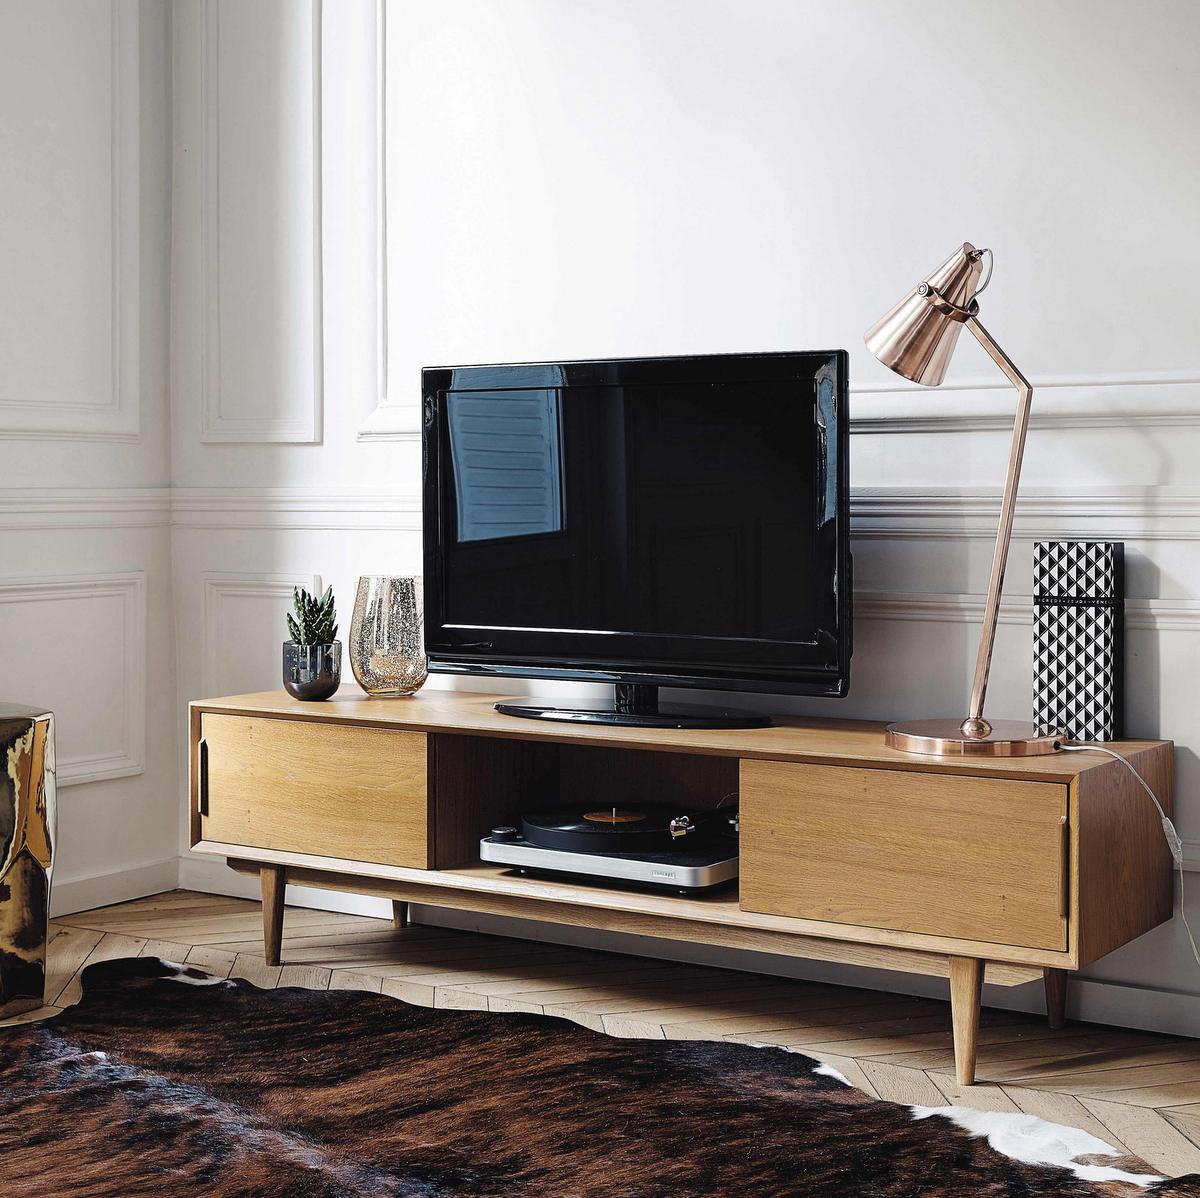 meuble tv vintage scandinave sofag. Black Bedroom Furniture Sets. Home Design Ideas